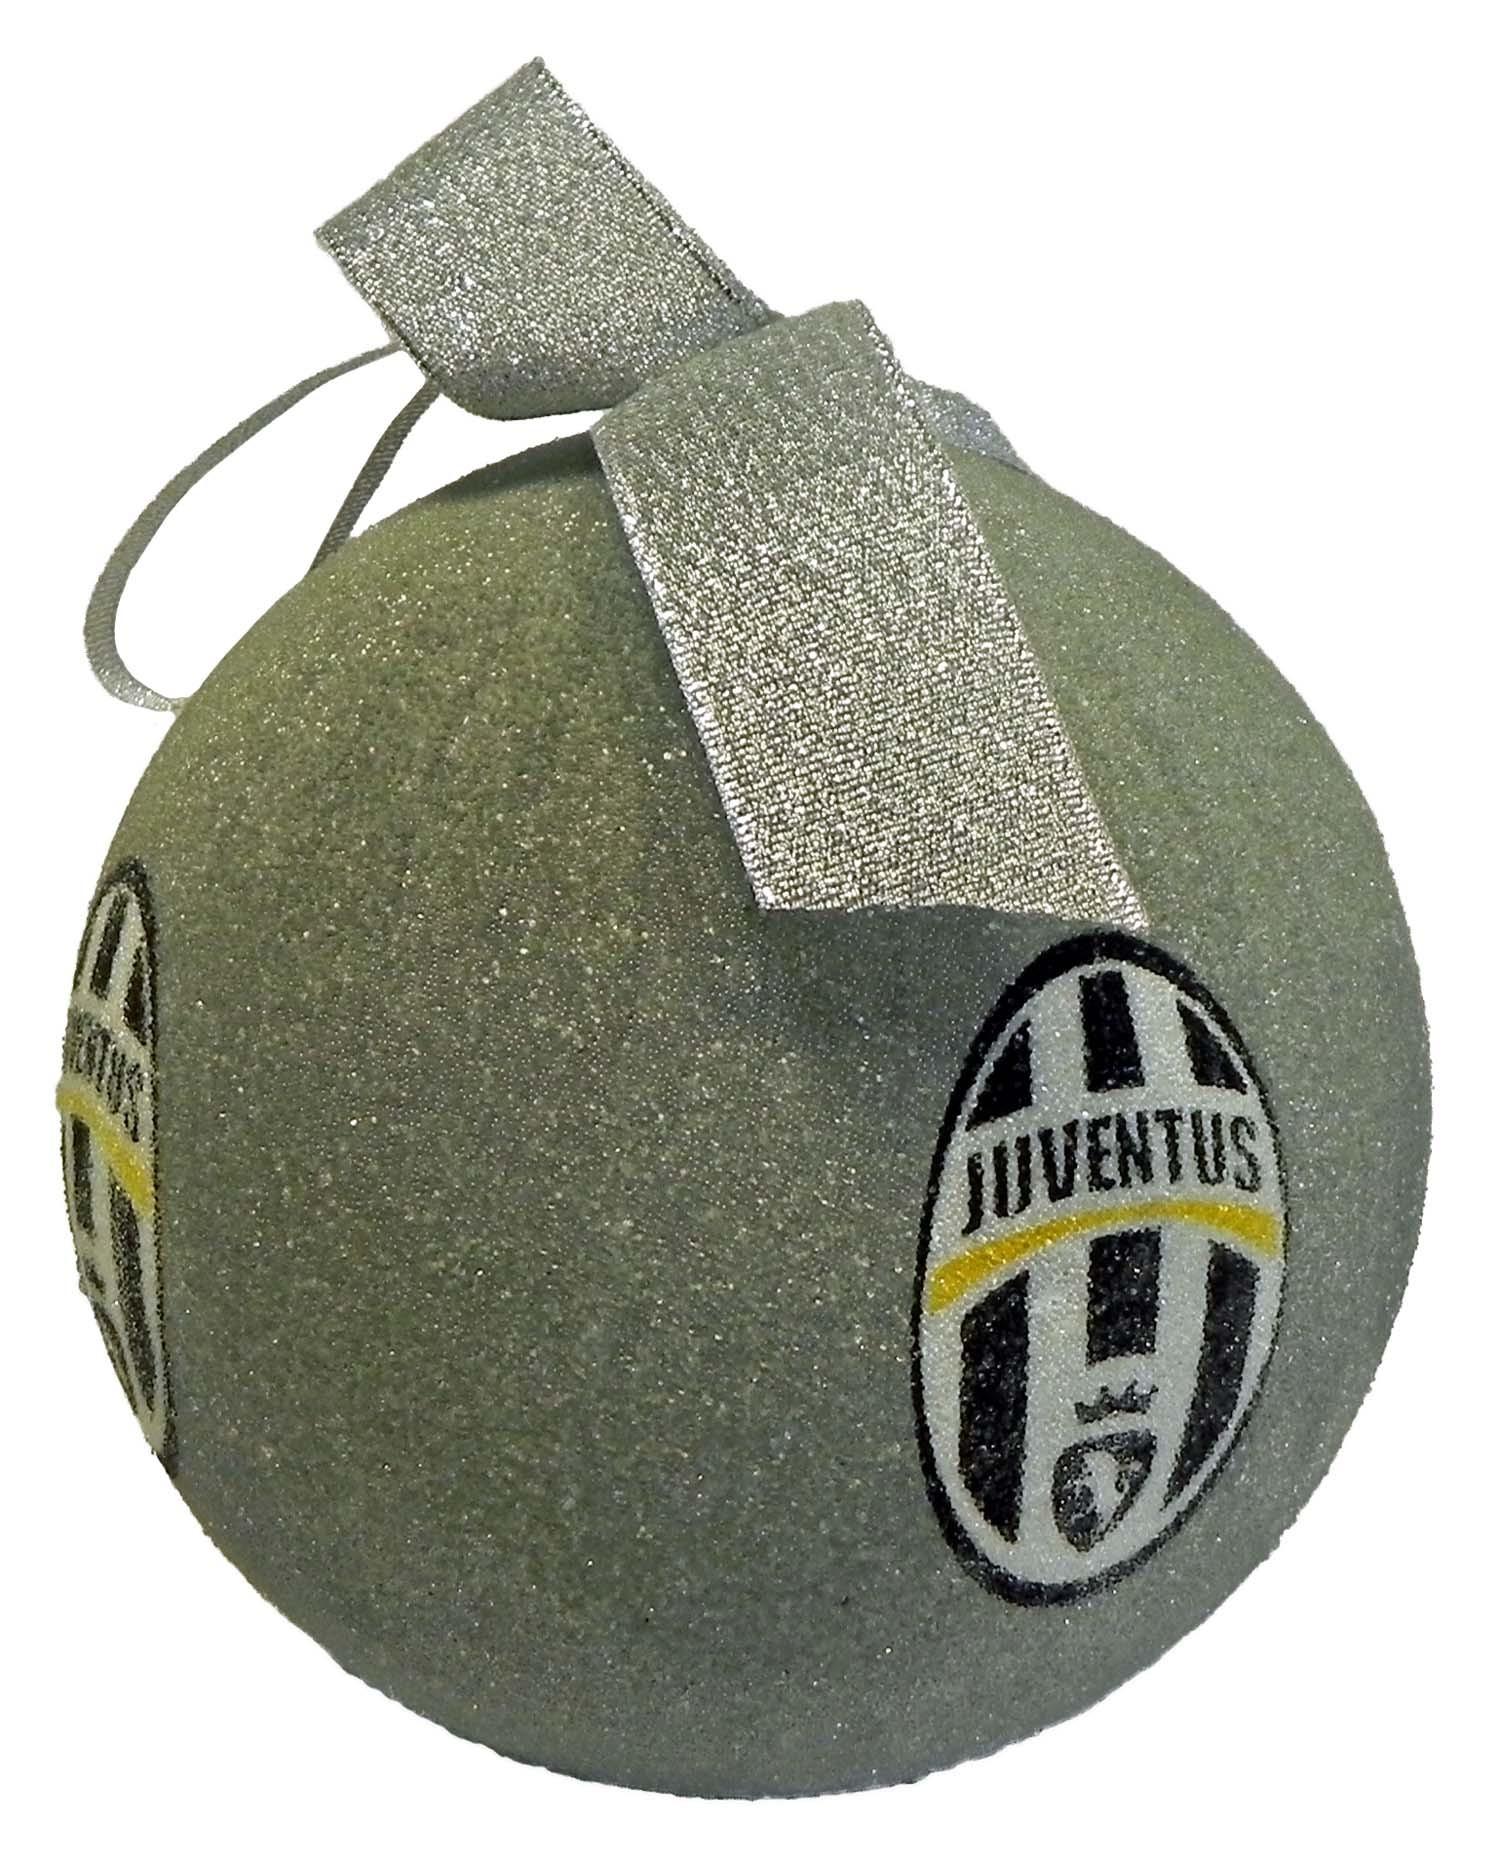 Albero Di Natale Juventus.Palla Di Natale Juventus Argento